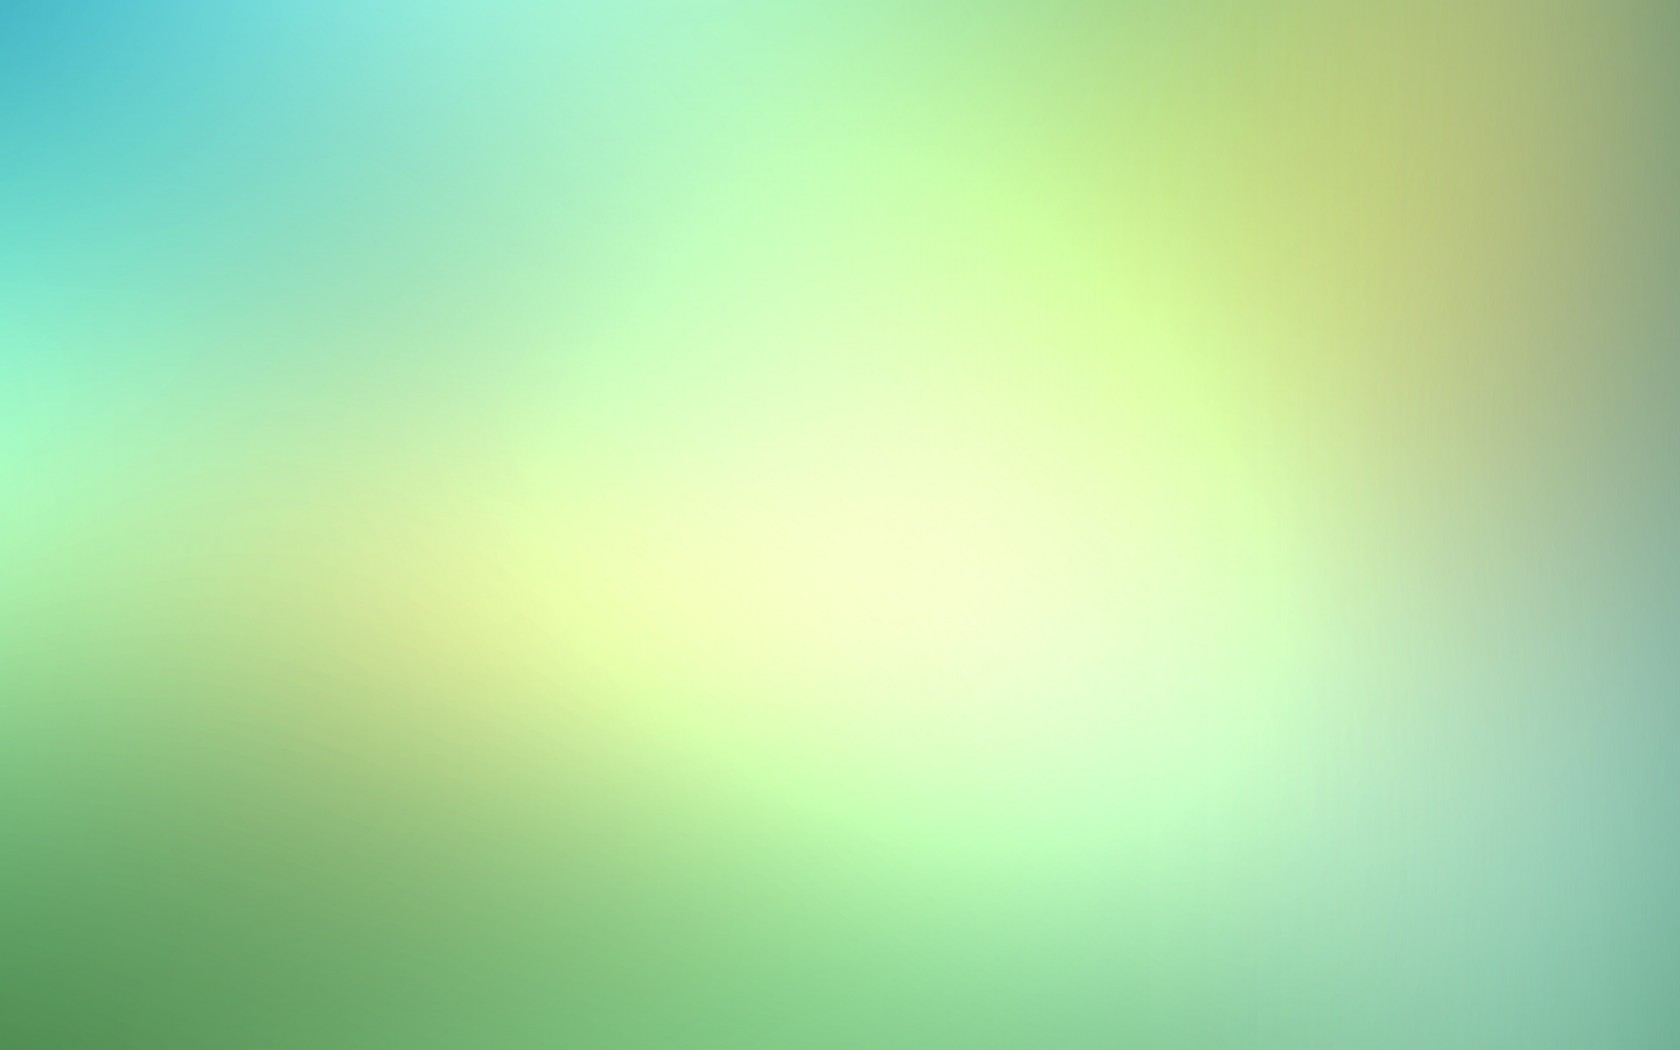 1680x1050 Wallpaper green, light, spot